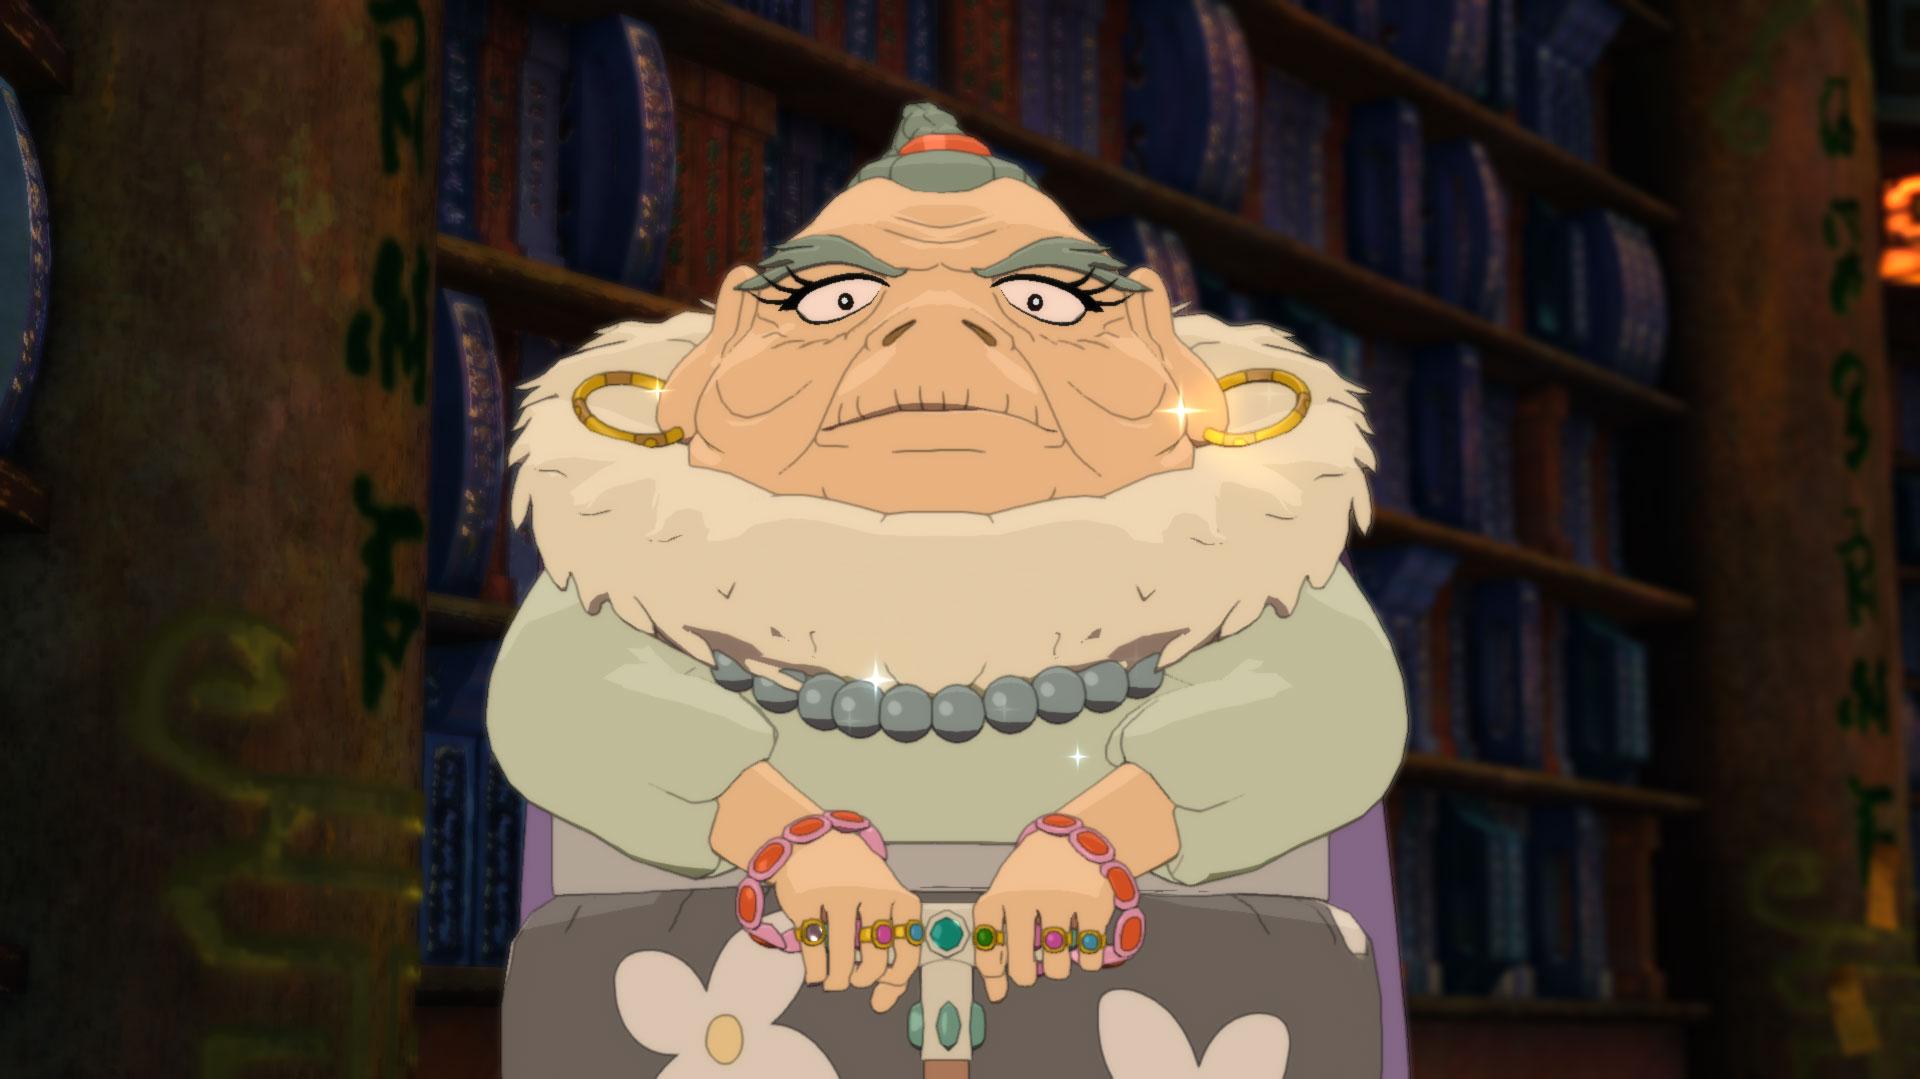 """Die Figuren wurden bewusst am Charakter-Design von Anime-Studio Ghibli orientiert - aber anders als beim ersten """"Ni No Kuni"""" gab es keine direkte Zusammenarbeit mit der berühmten Trickfilm-Schmiede."""